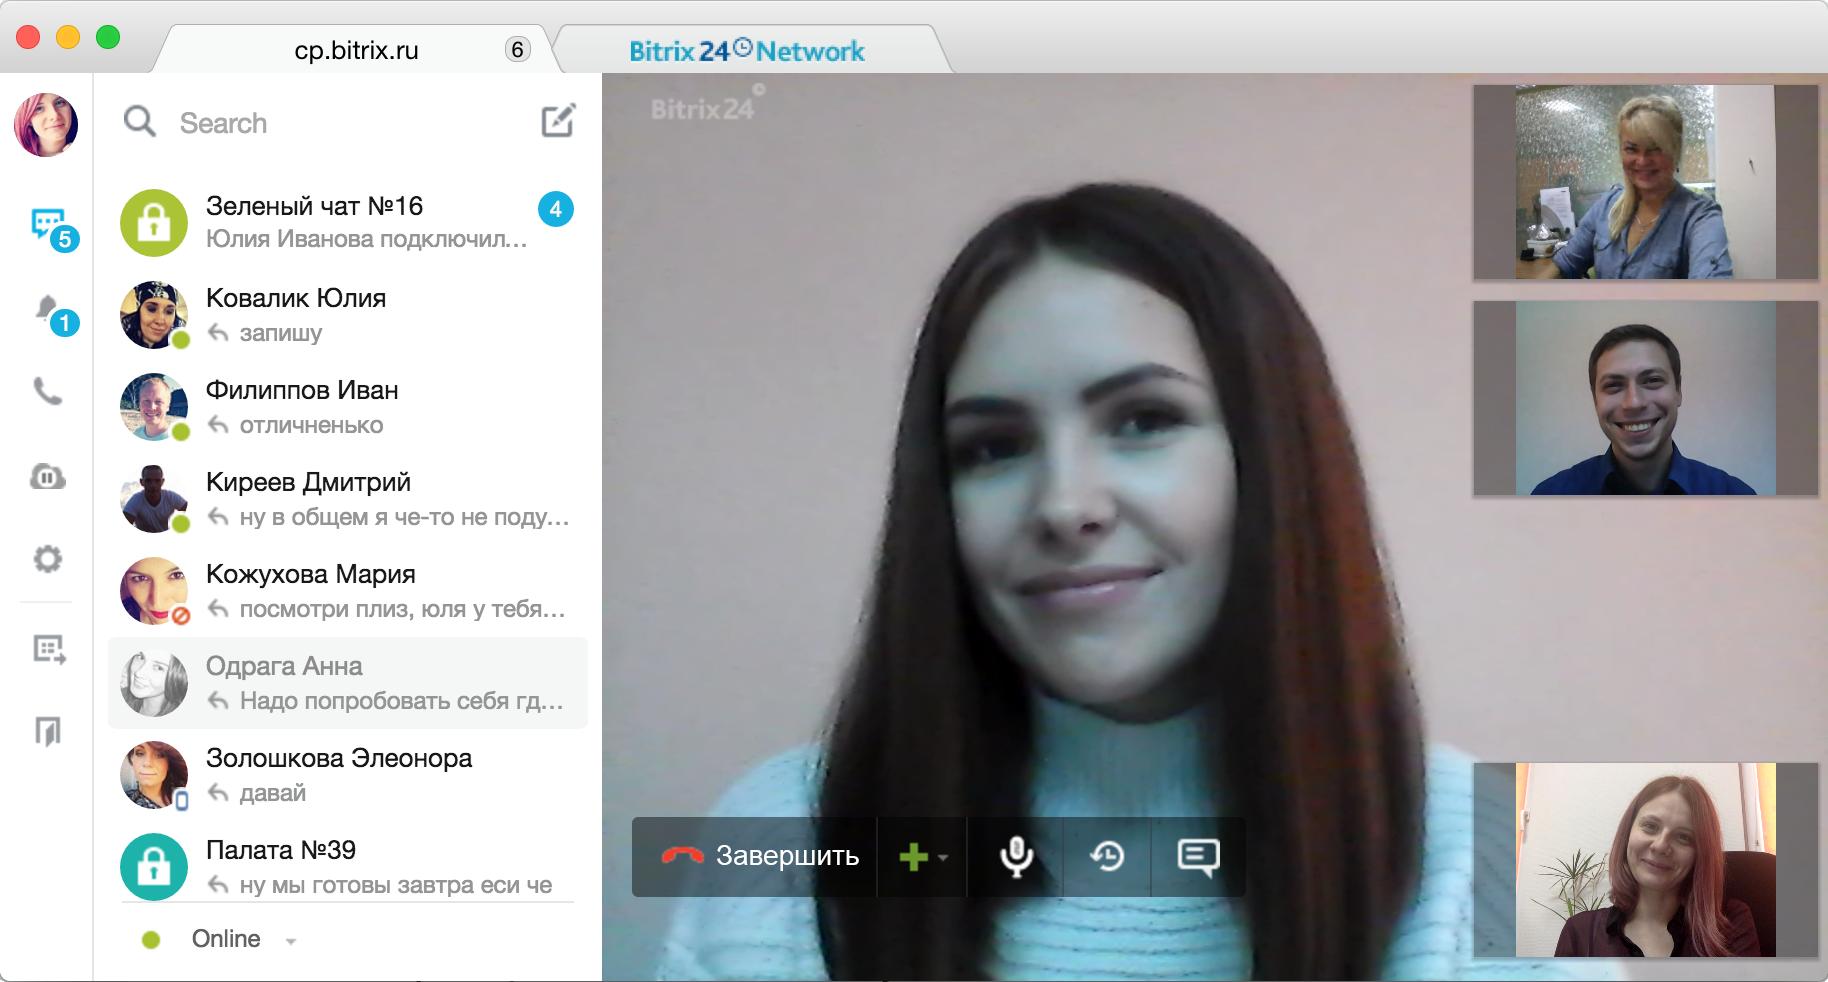 Вебка онлайн общение знакомства